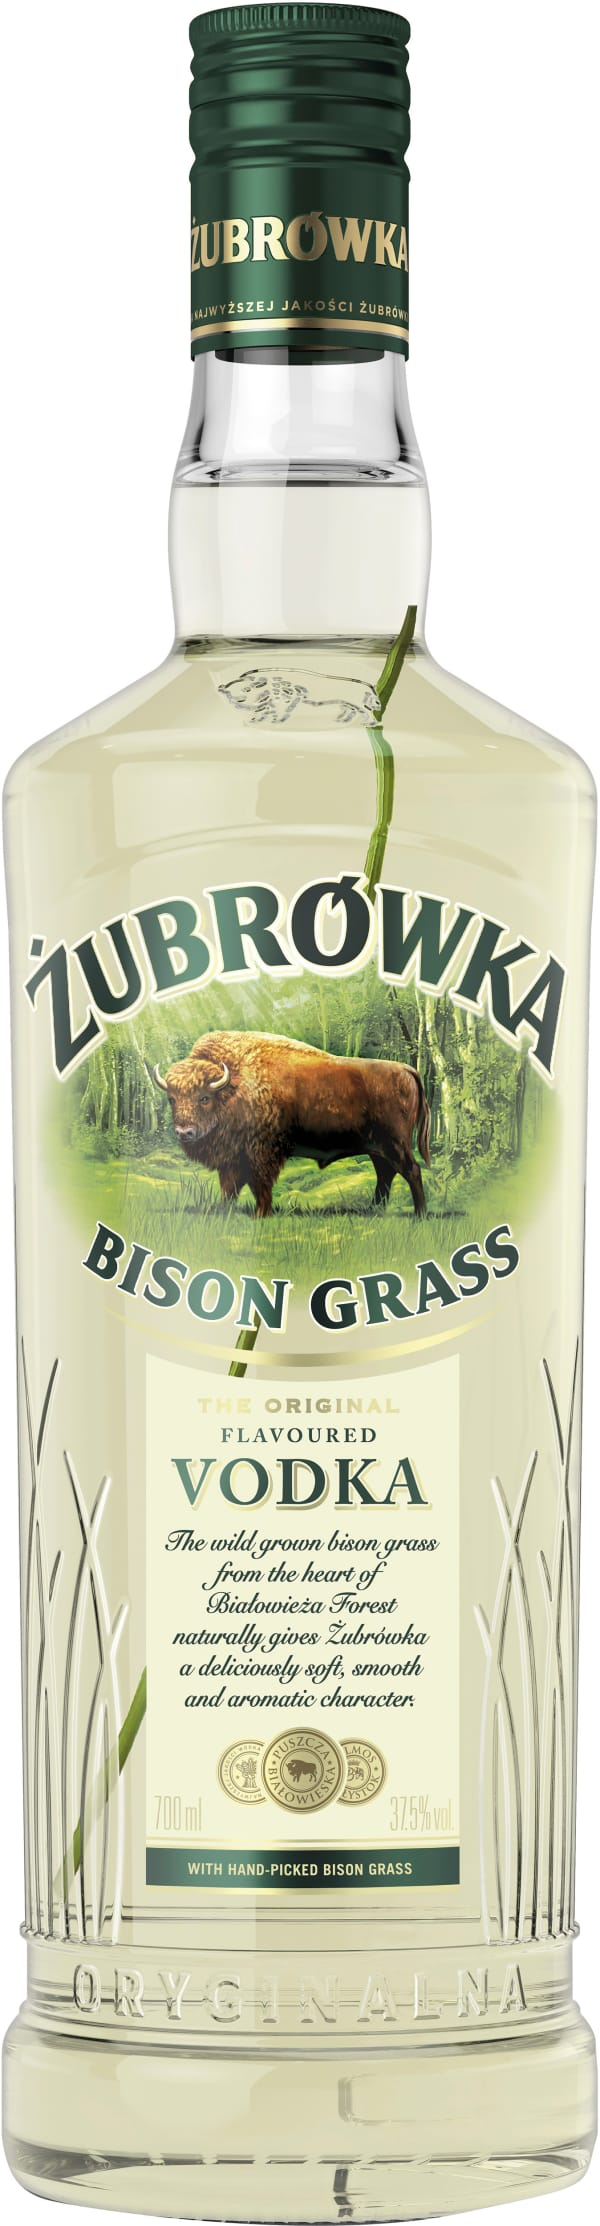 Zubrovka Bison Grass